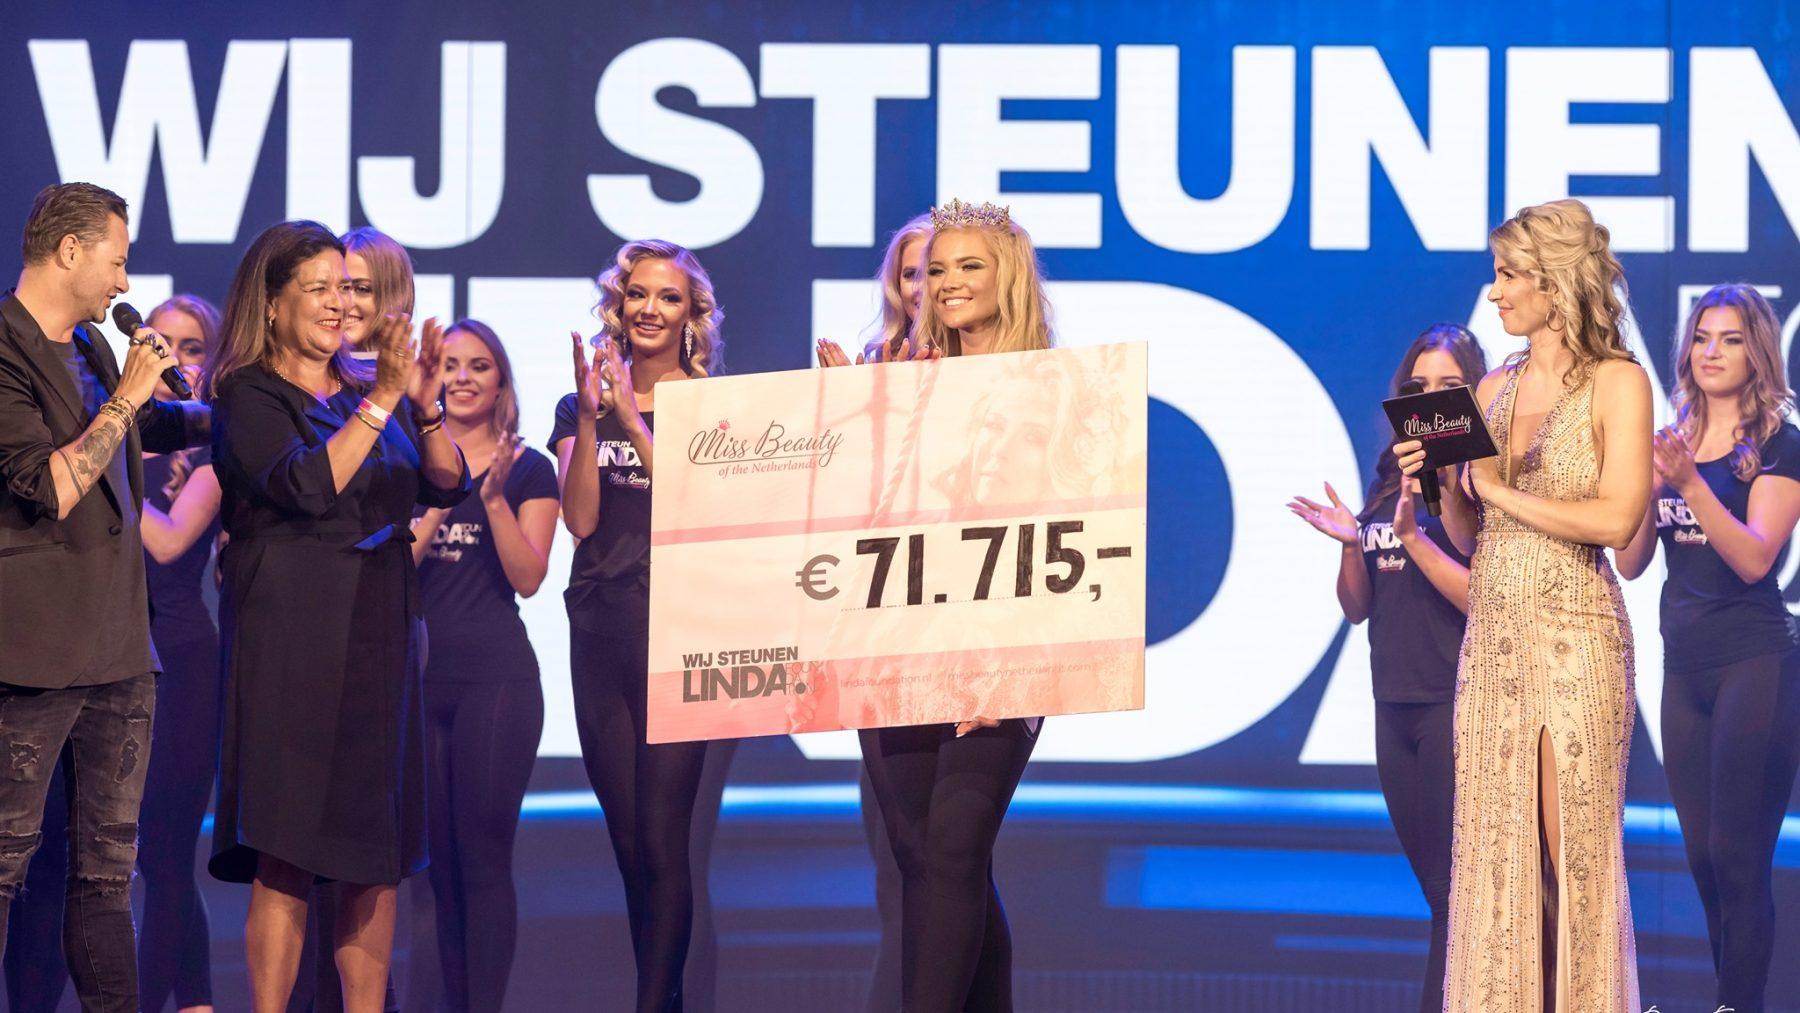 Miss Beauty of the Netherlands haalt opnieuw recordbedrag op voor LINDAfoundation